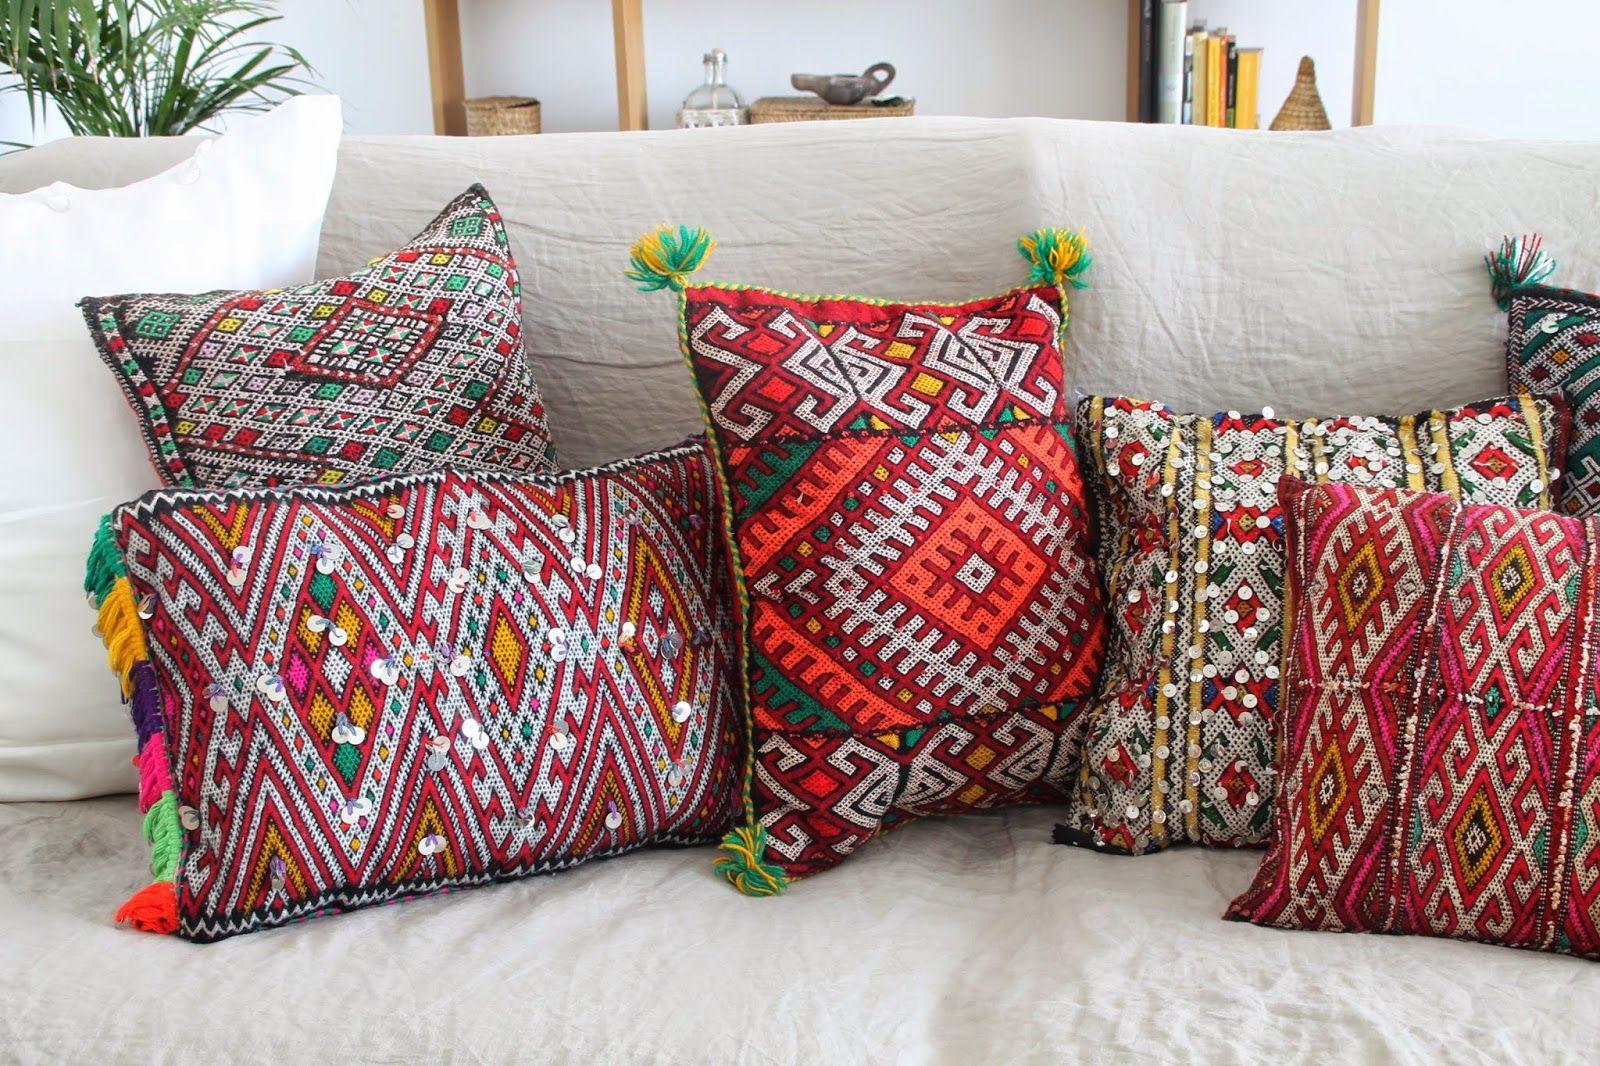 quedamos en un bazar textil. cojines bereberes. dar amïna